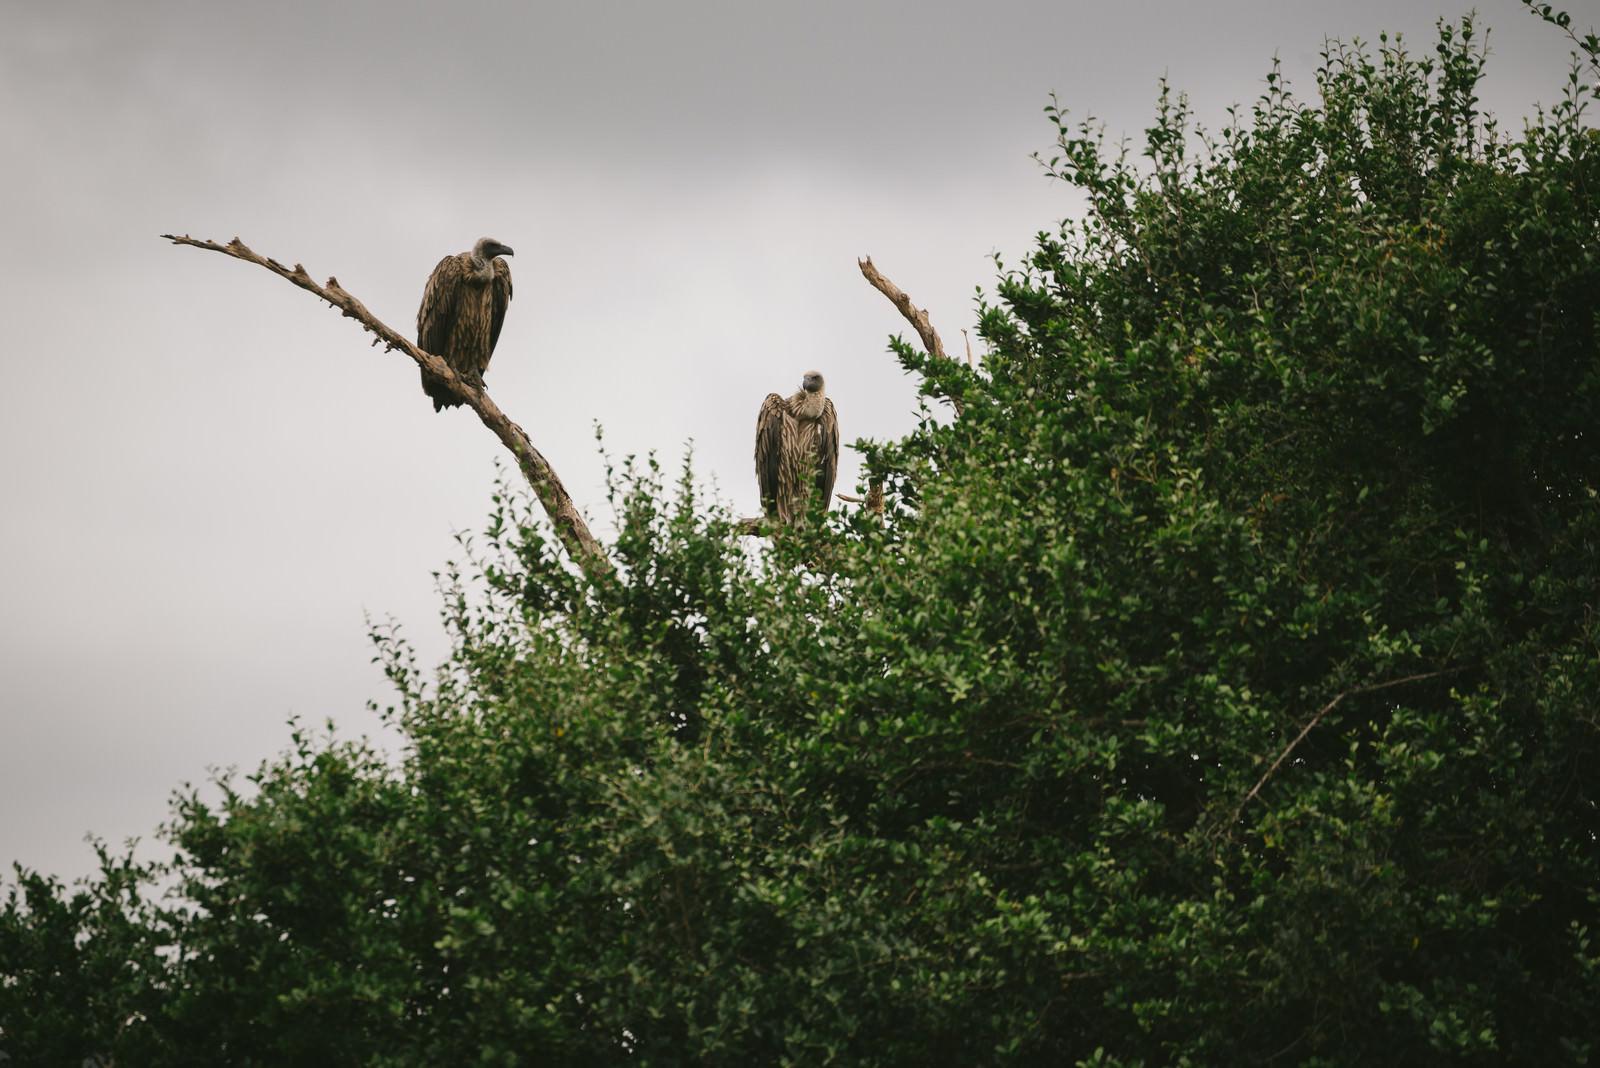 「高所から辺を見回すハゲワシ高所から辺を見回すハゲワシ」のフリー写真素材を拡大